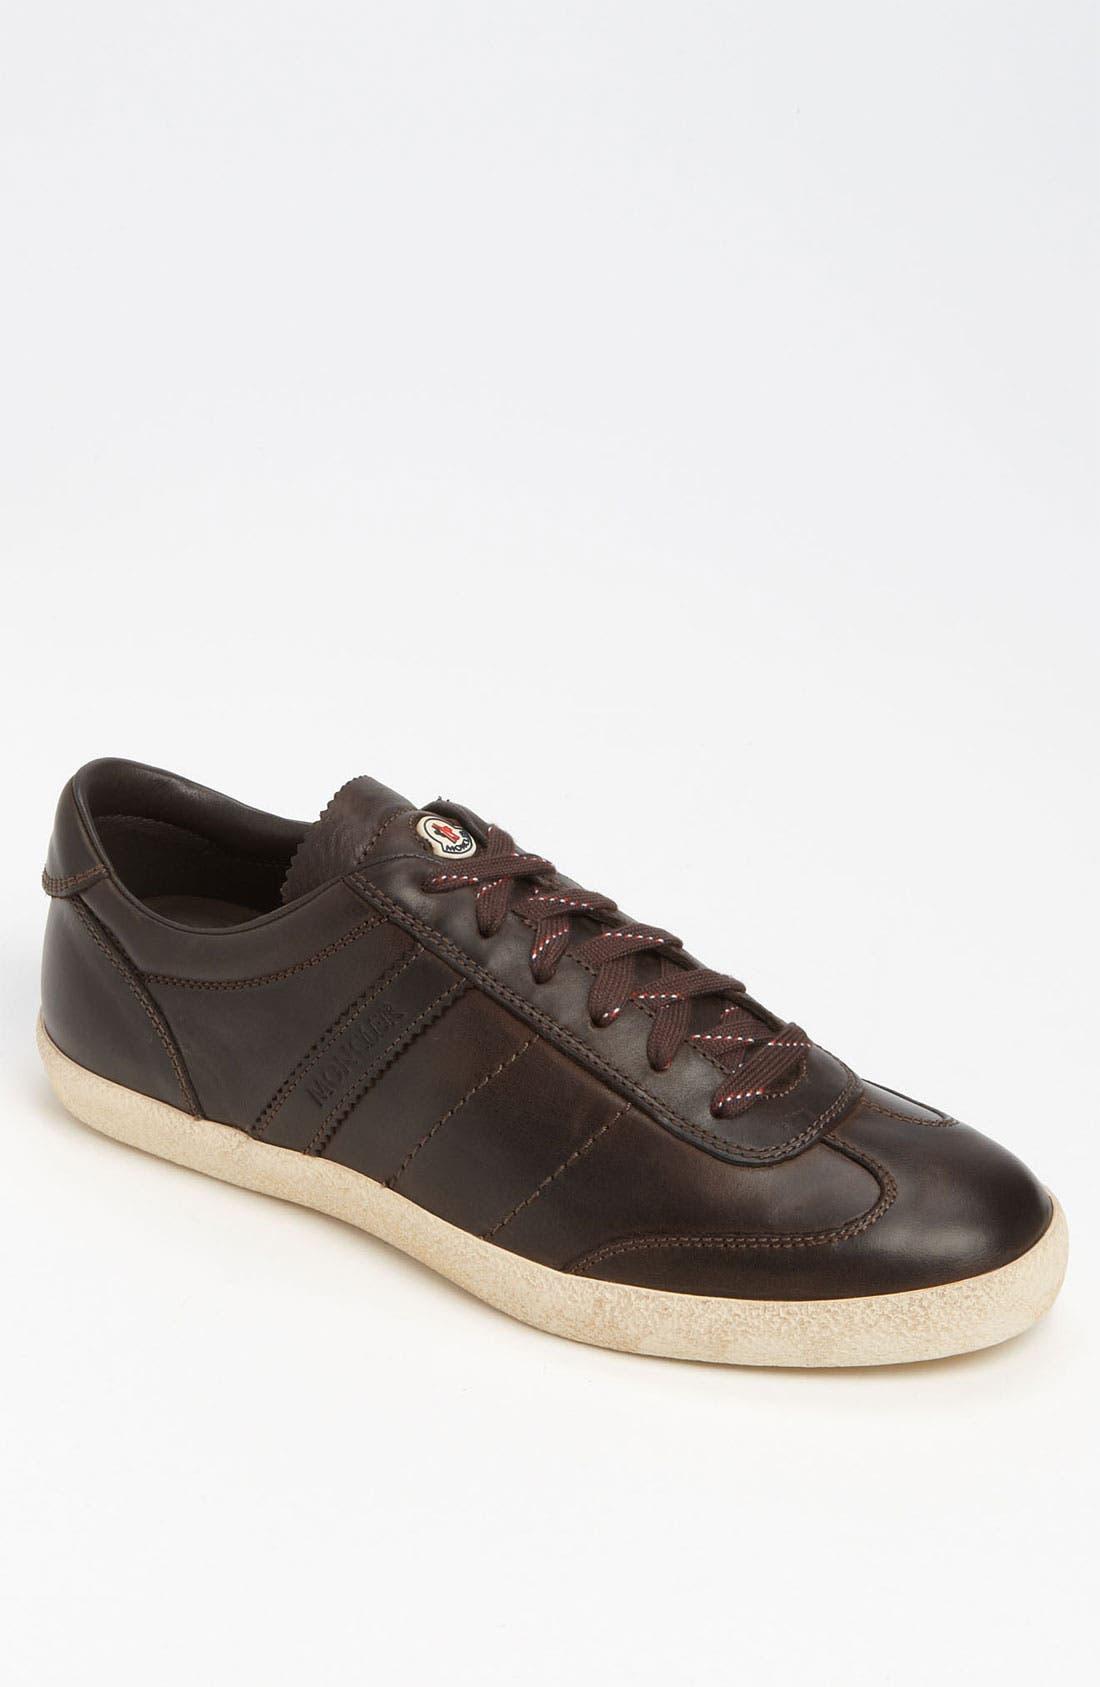 Alternate Image 1 Selected - Moncler 'Biarritz' Sneaker